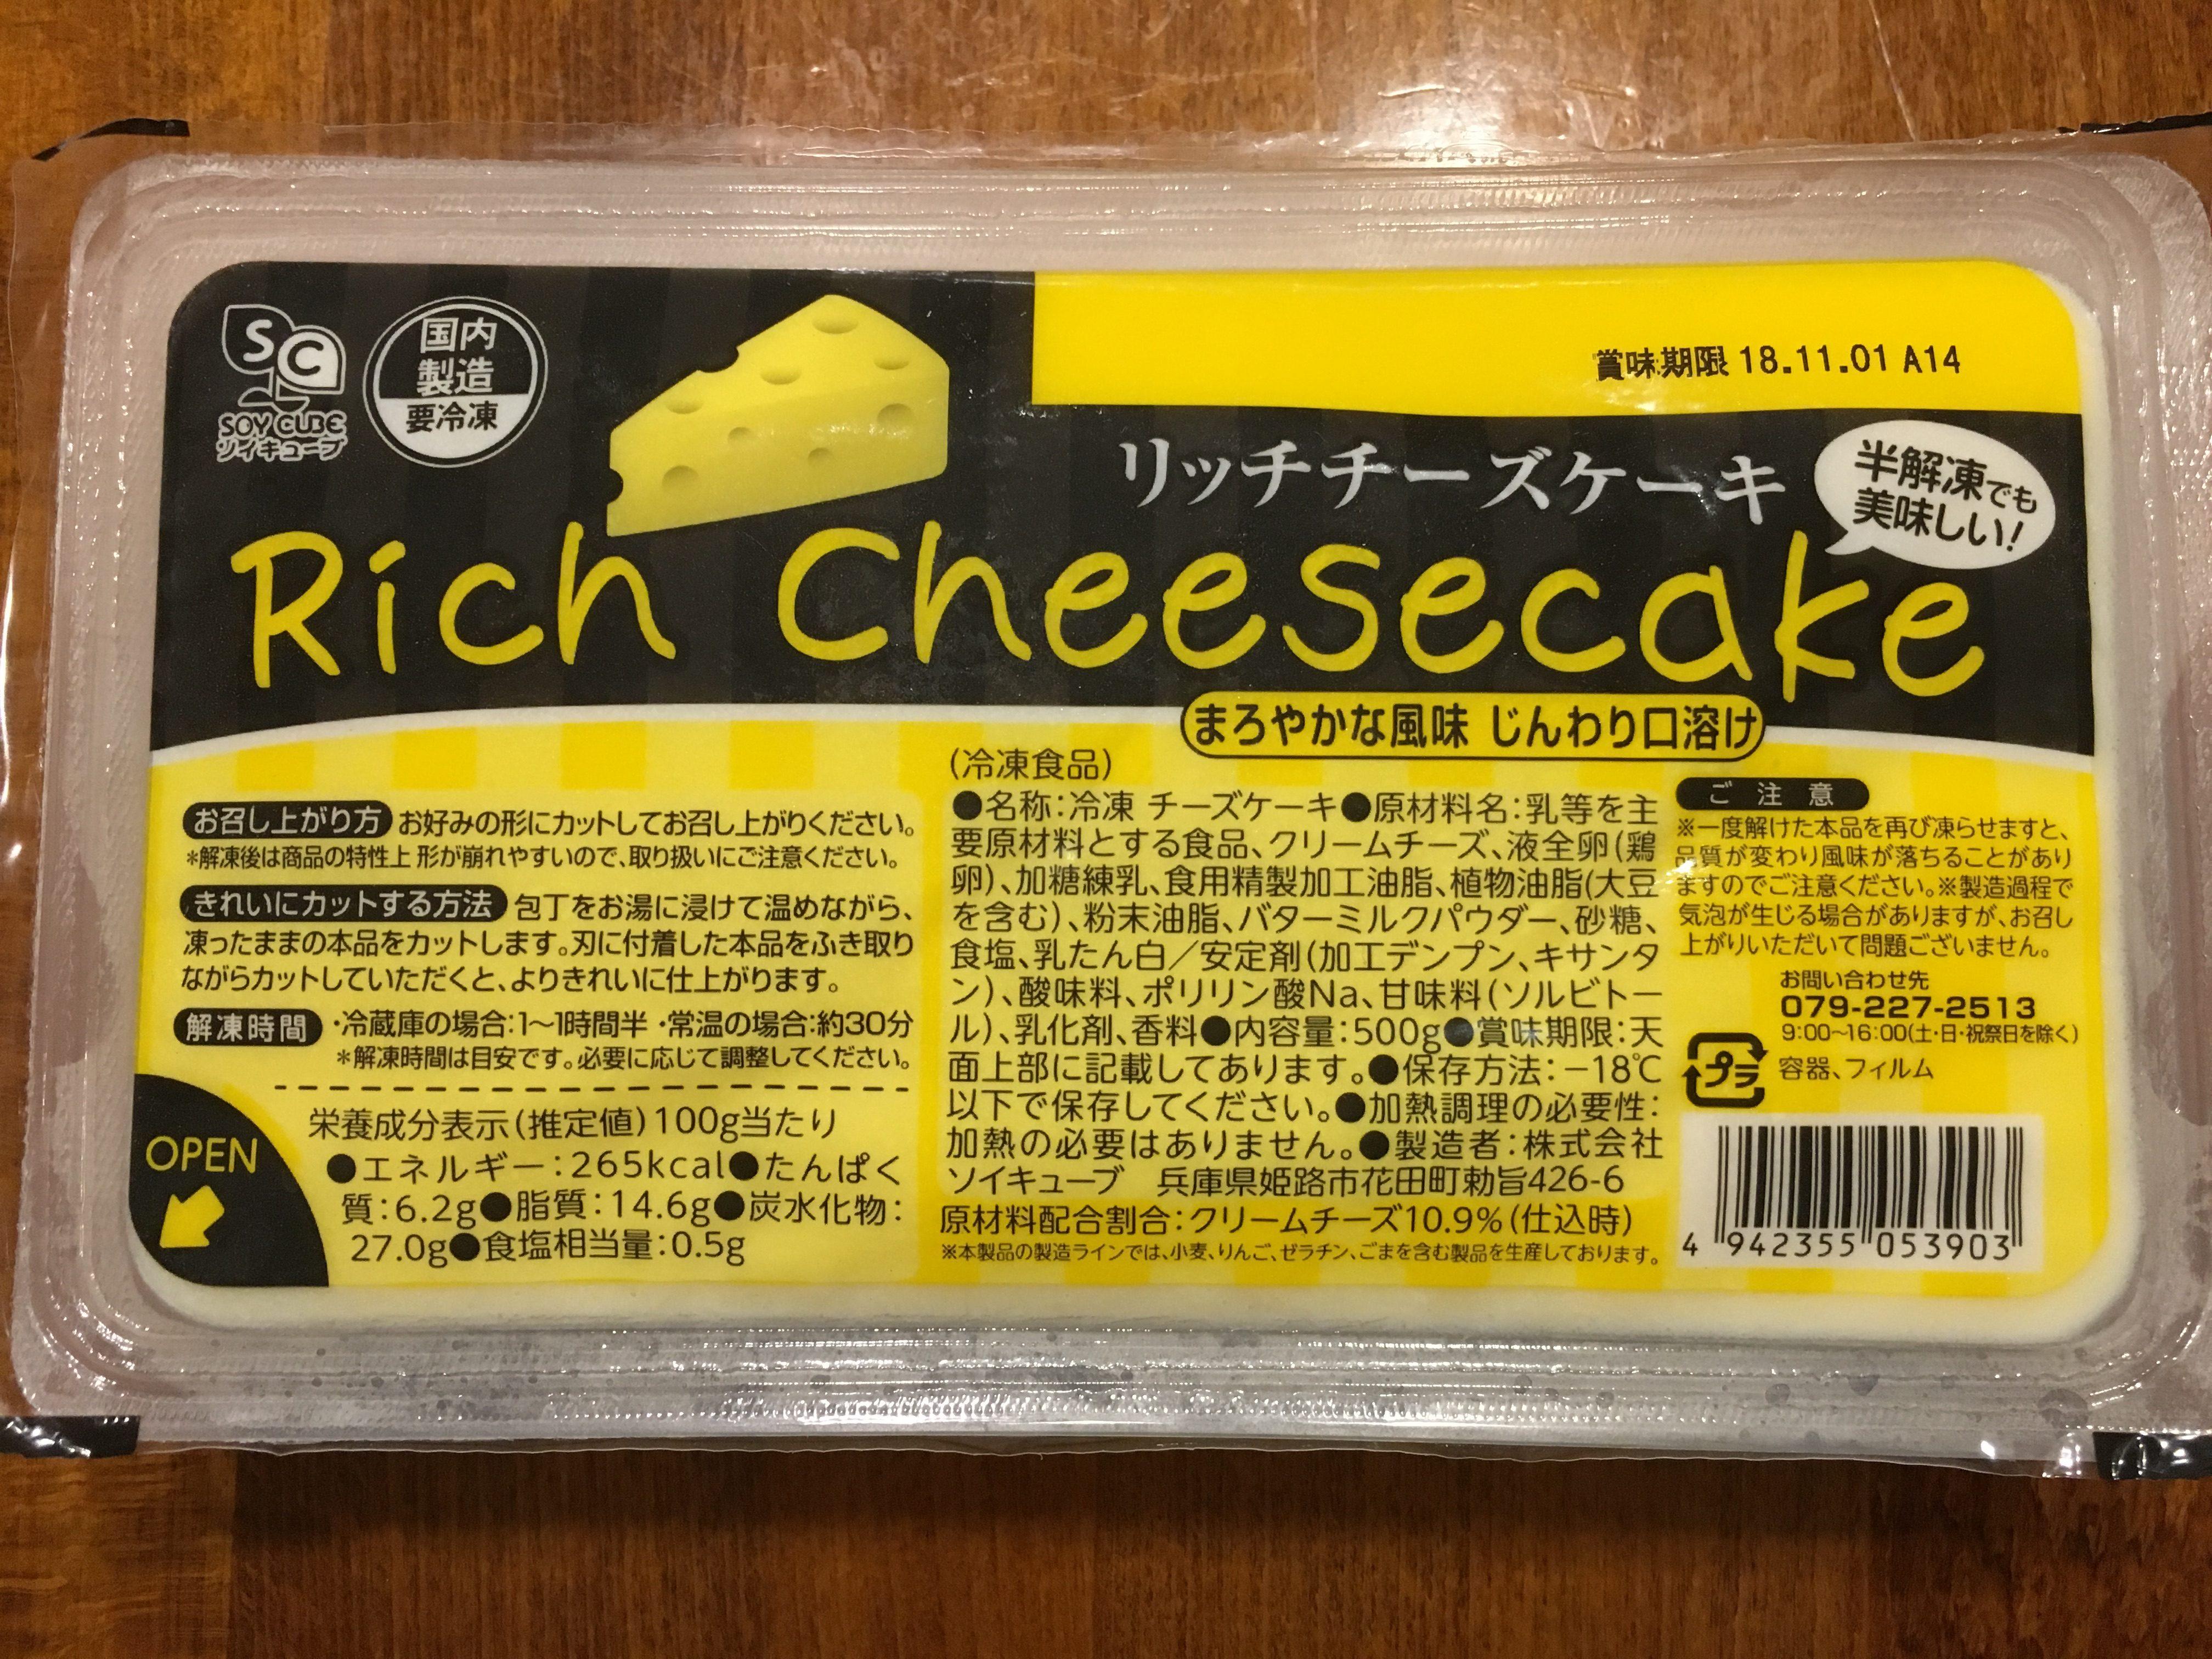 【業務スーパー】究極のコスパ「リッチケーキシリーズ」を実食!味やカロリーは?